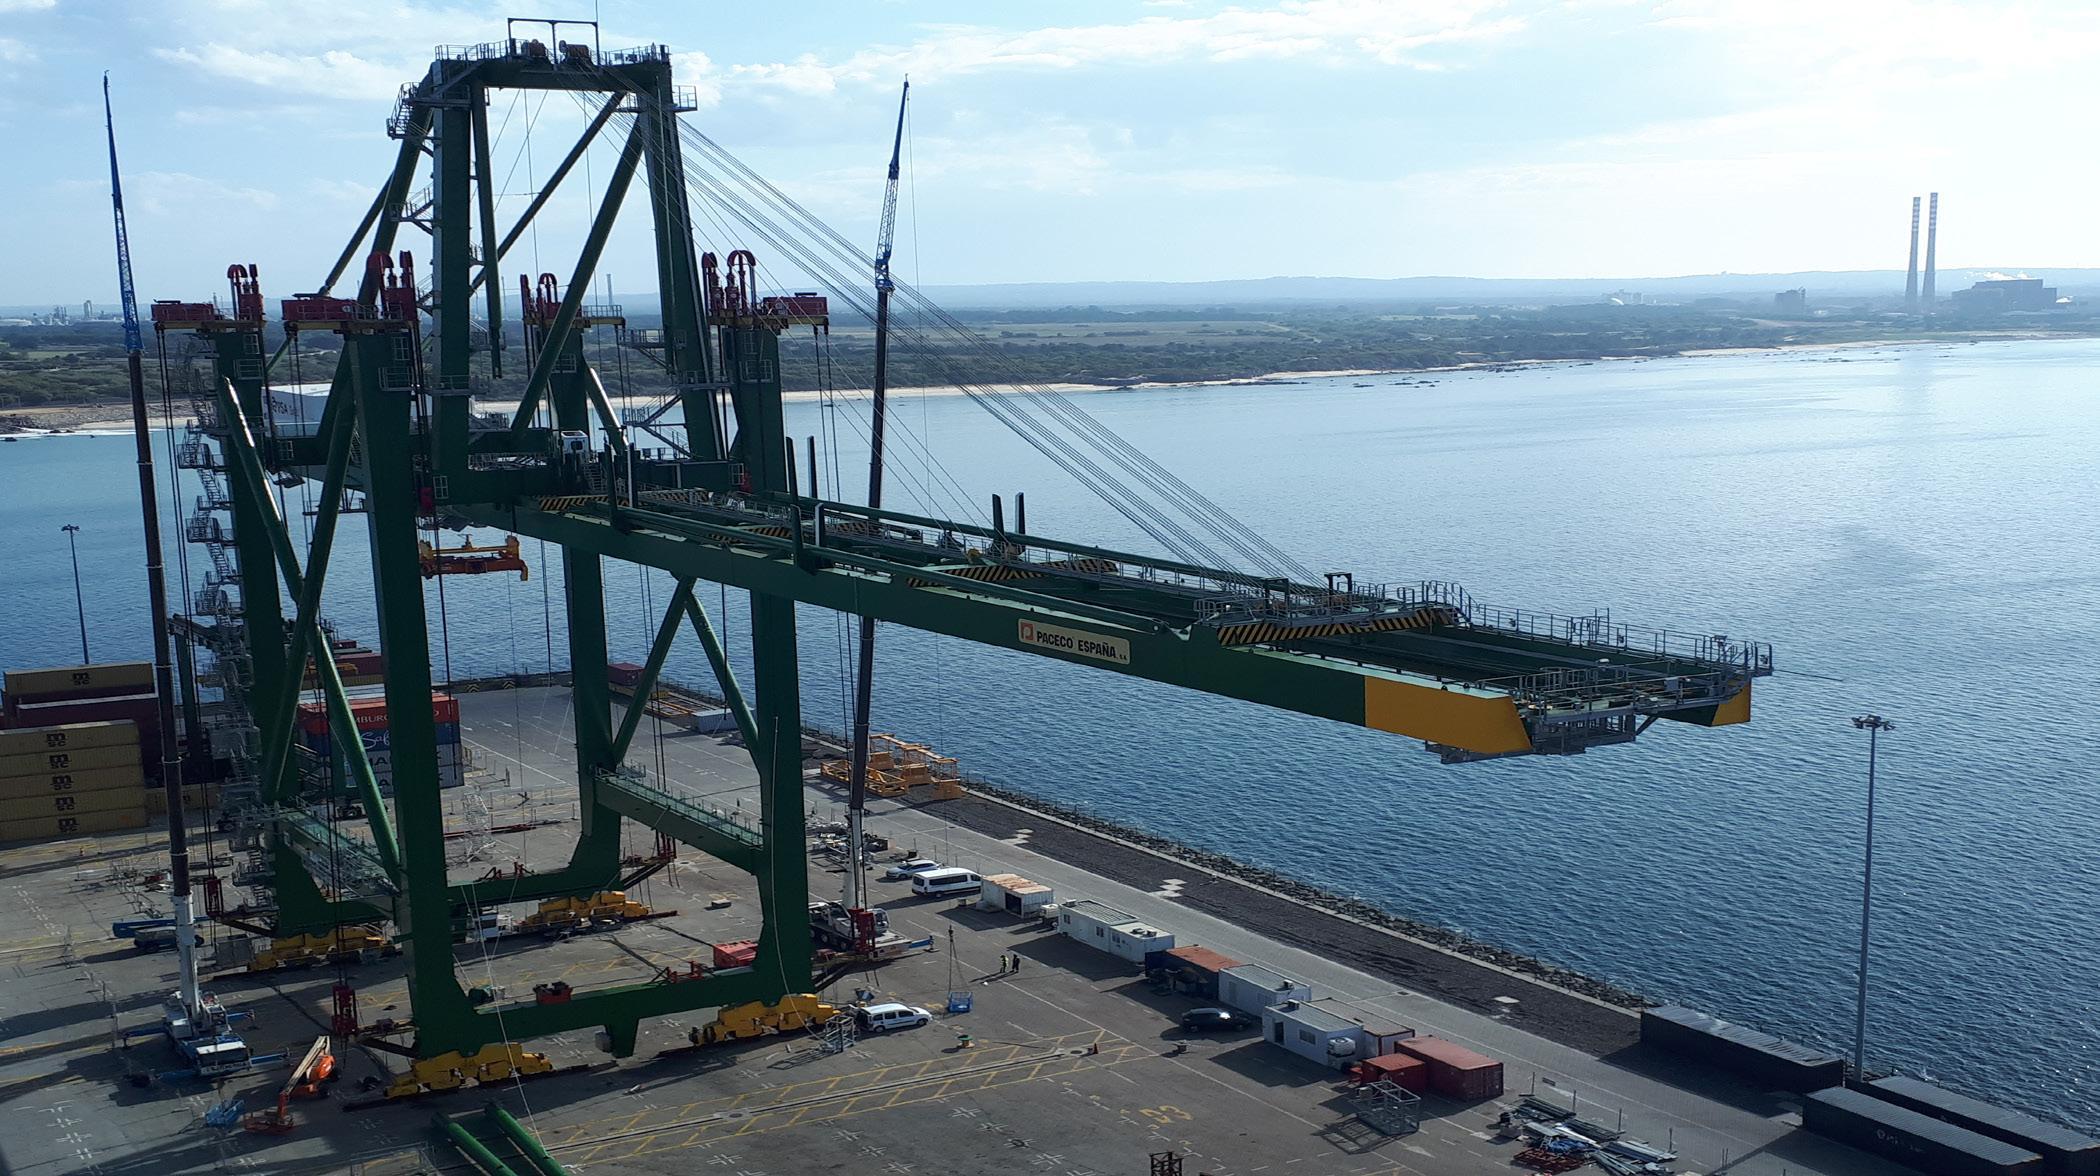 Page 19 of Efficient crane movement minimises port disruption